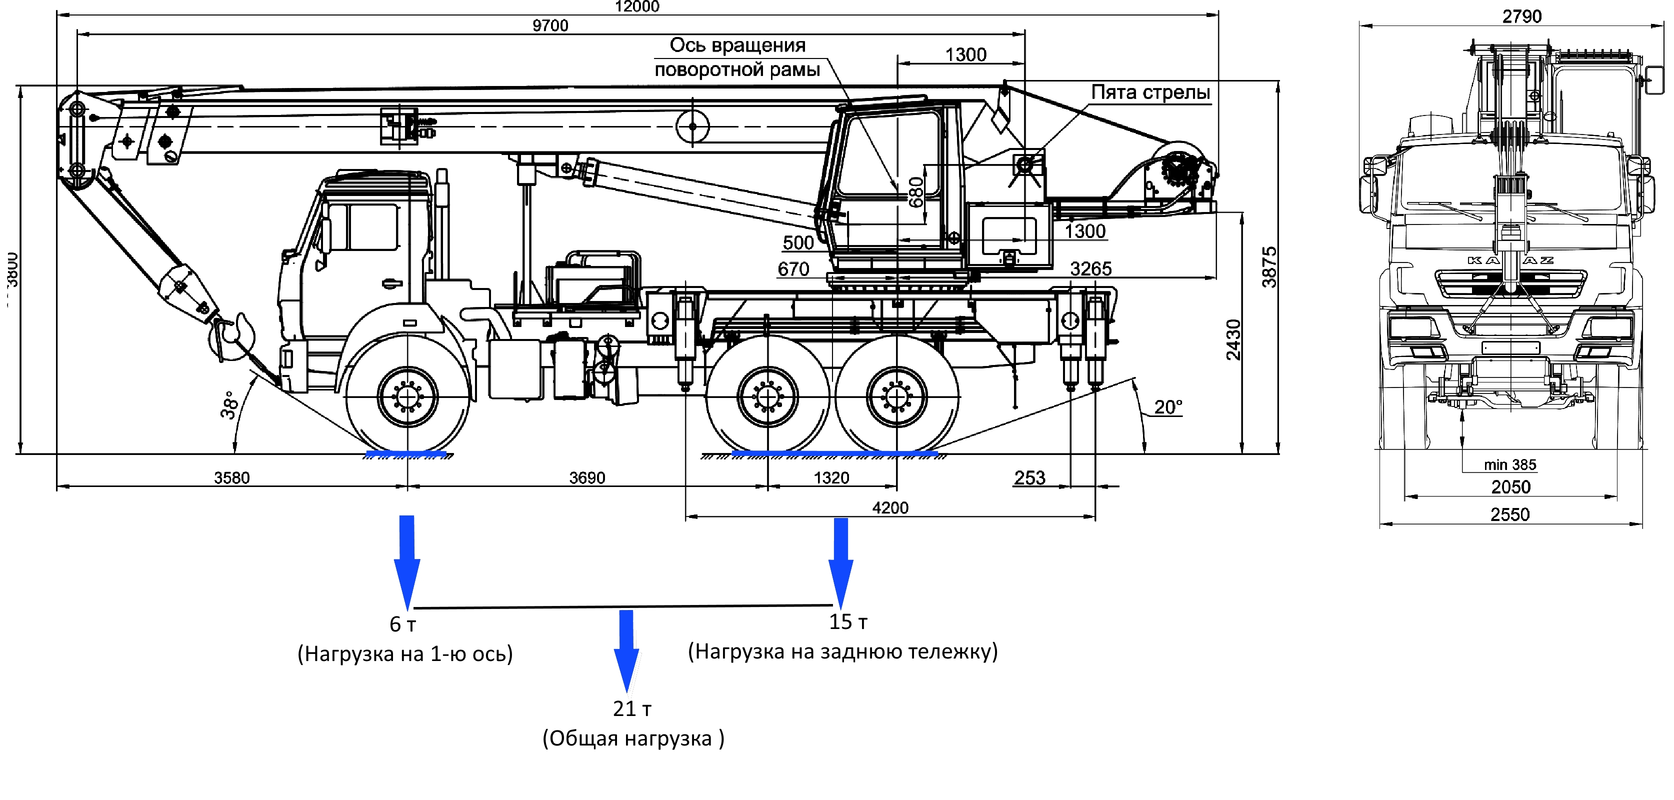 КС-55713-5 «Галичанин» стрела 21,7 м на базе автомобильного шасси KAMAZ-43118 (6х6) ЕВРО-5 – фото 2